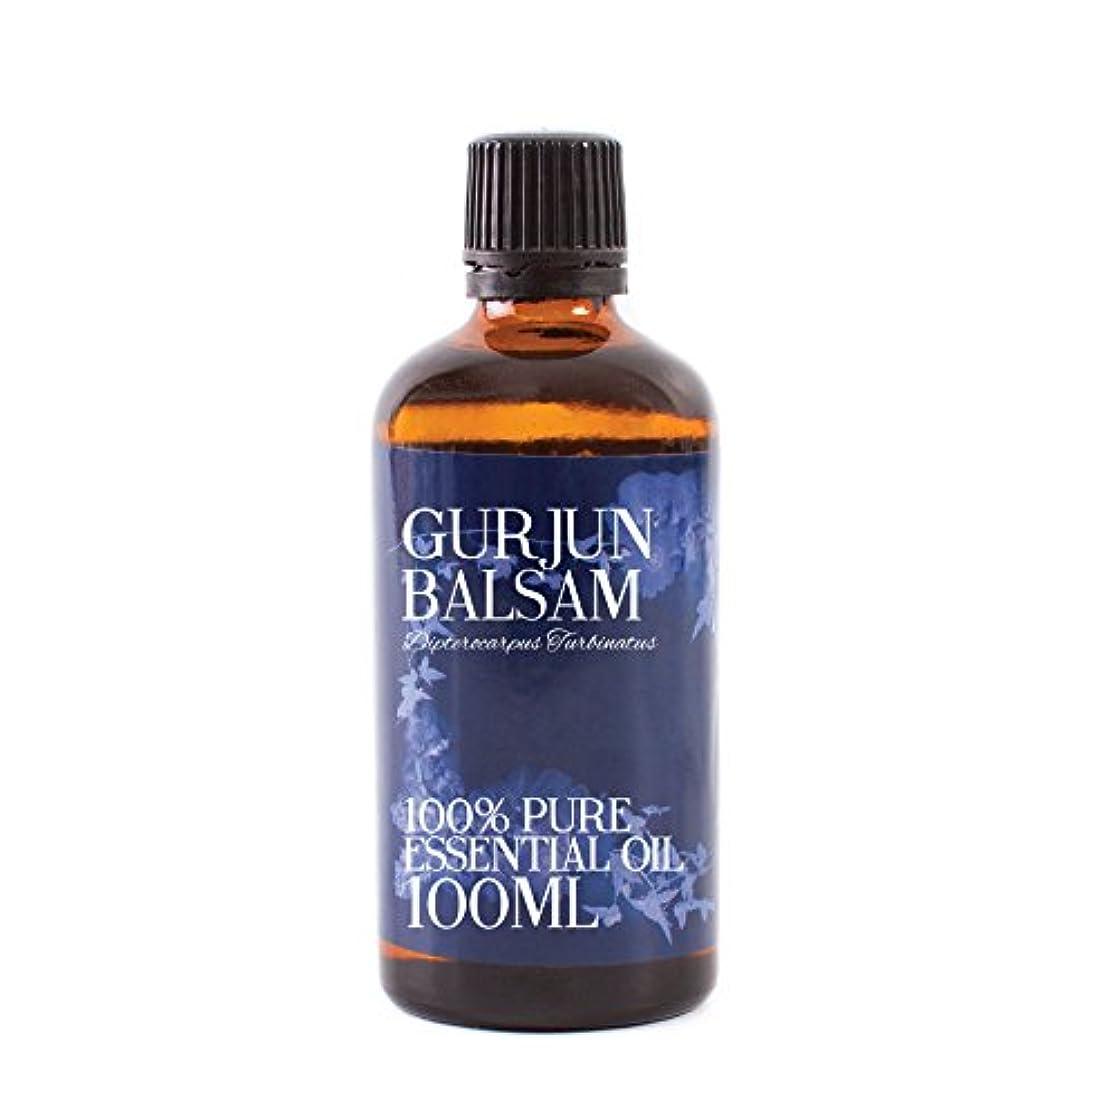 恵み意味のある修正するMystic Moments | Gurjun Balsam Essential Oil - 100ml - 100% Pure